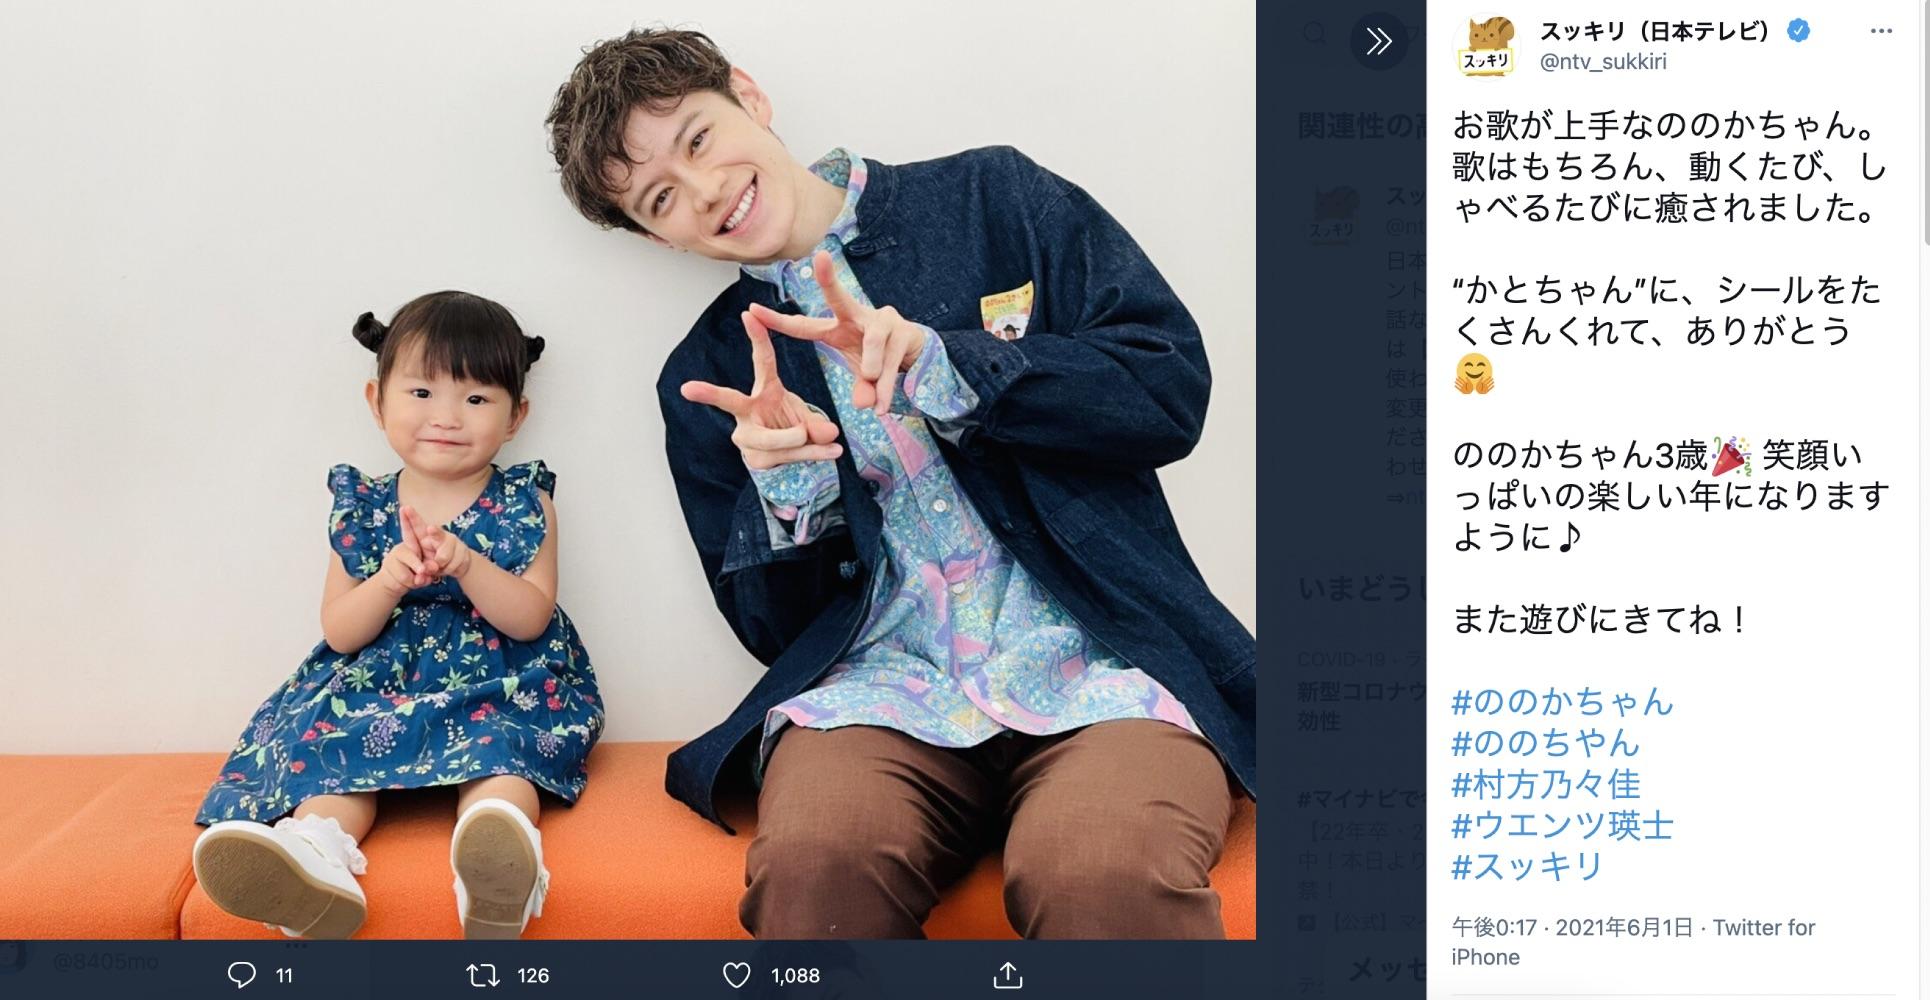 ウエンツ瑛士も可愛いののちゃんにメロメロ(画像は『スッキリ(日本テレビ) 2021年6月1日付Twitter「お歌が上手なののかちゃん。」』のスクリーンショット)